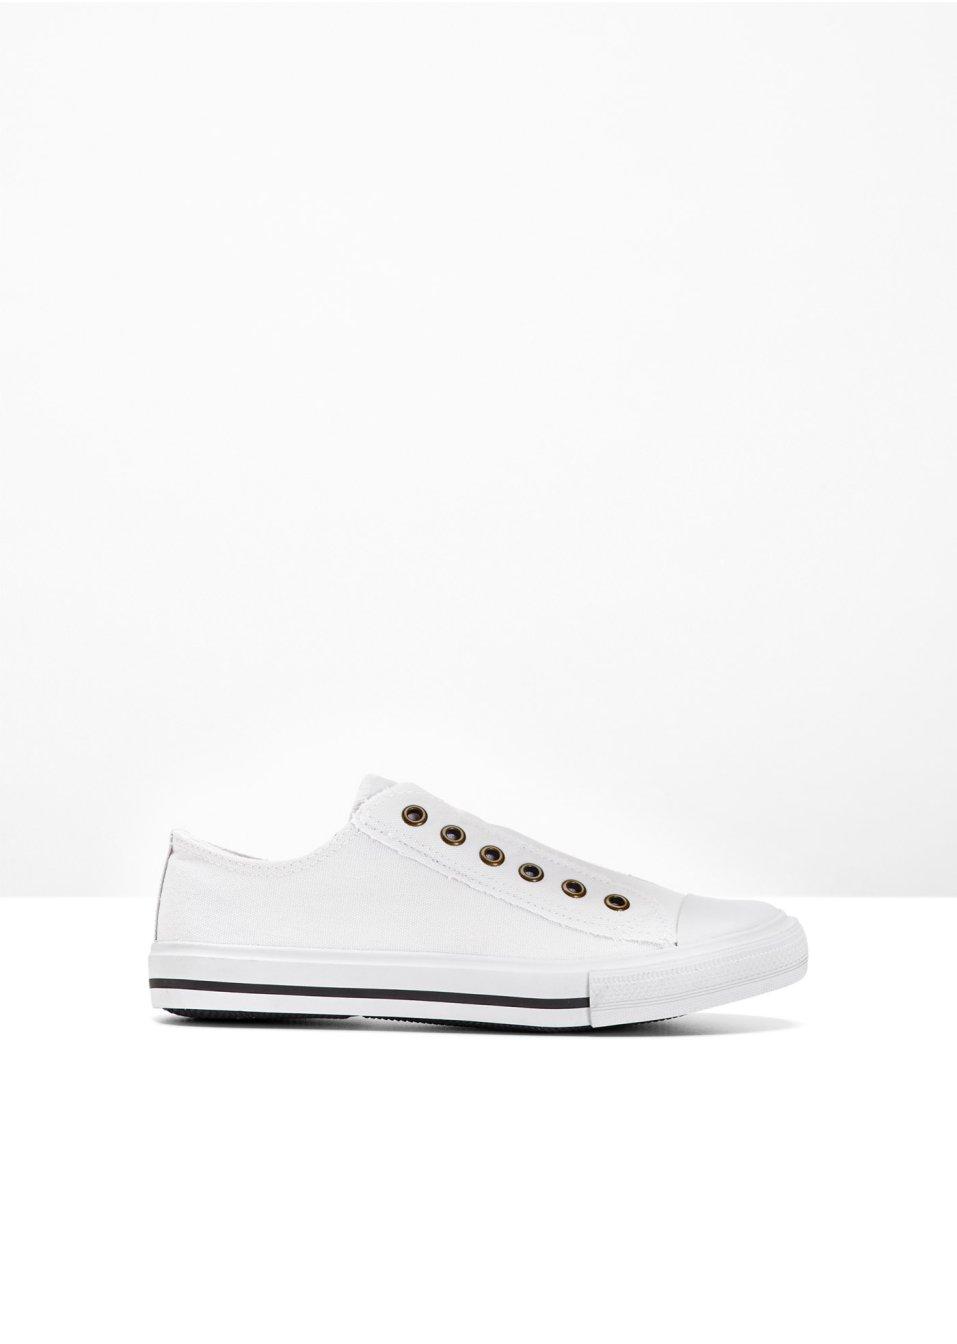 Elastische Damen Sneaker ohne Muster günstig kaufen | eBay